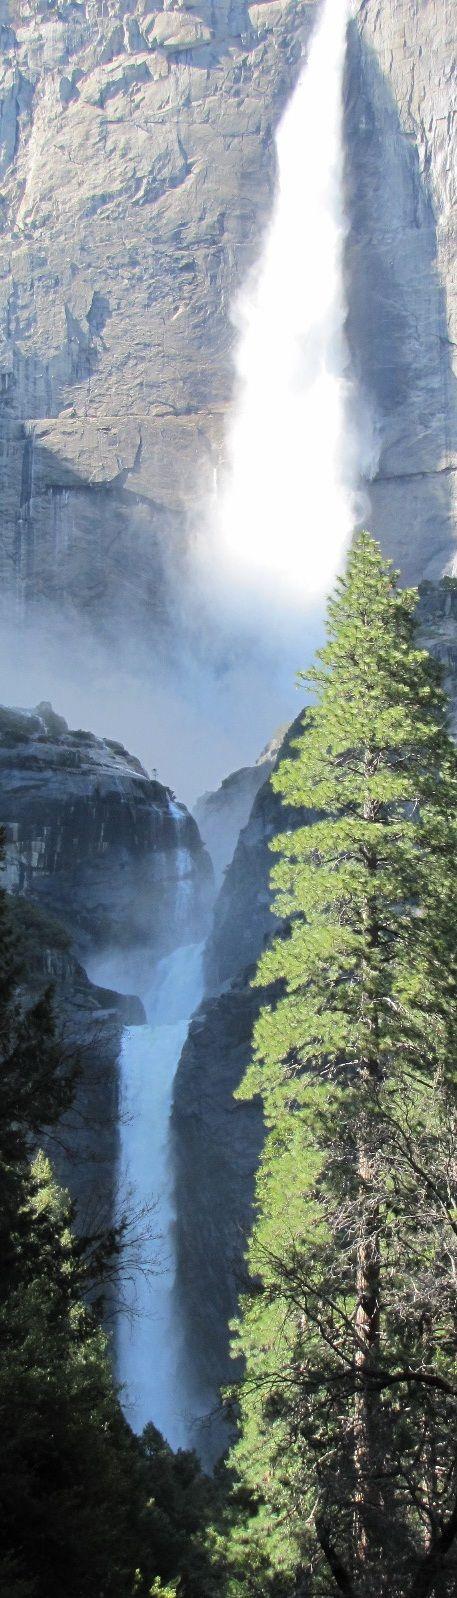 Yosemite Falls at Yosemite National Park in